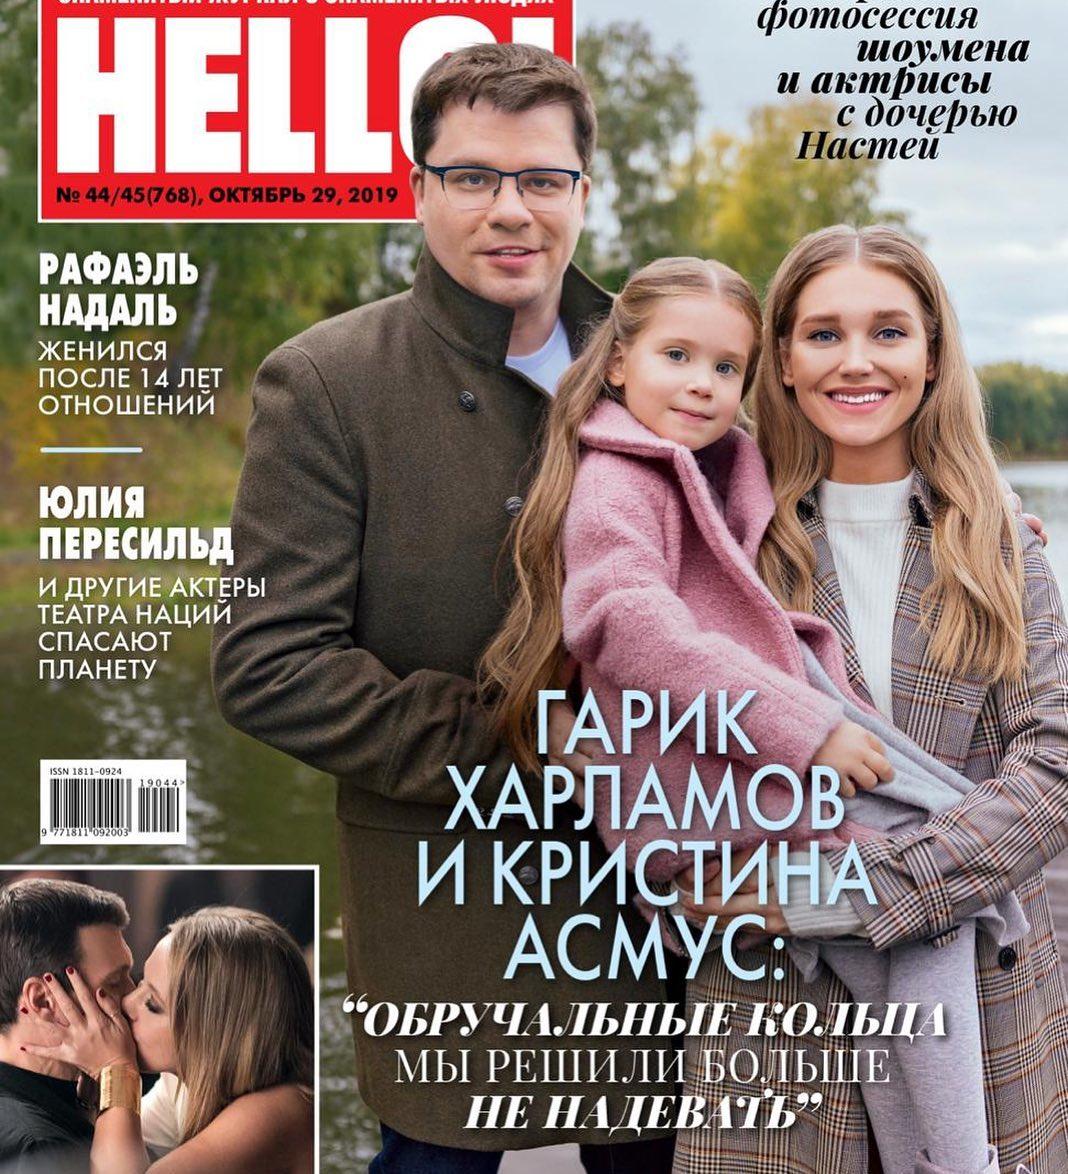 А ведь осенью 2019 года Кристина Асмус и Гарик Харламов всем своим видом кричали, что они разводятся